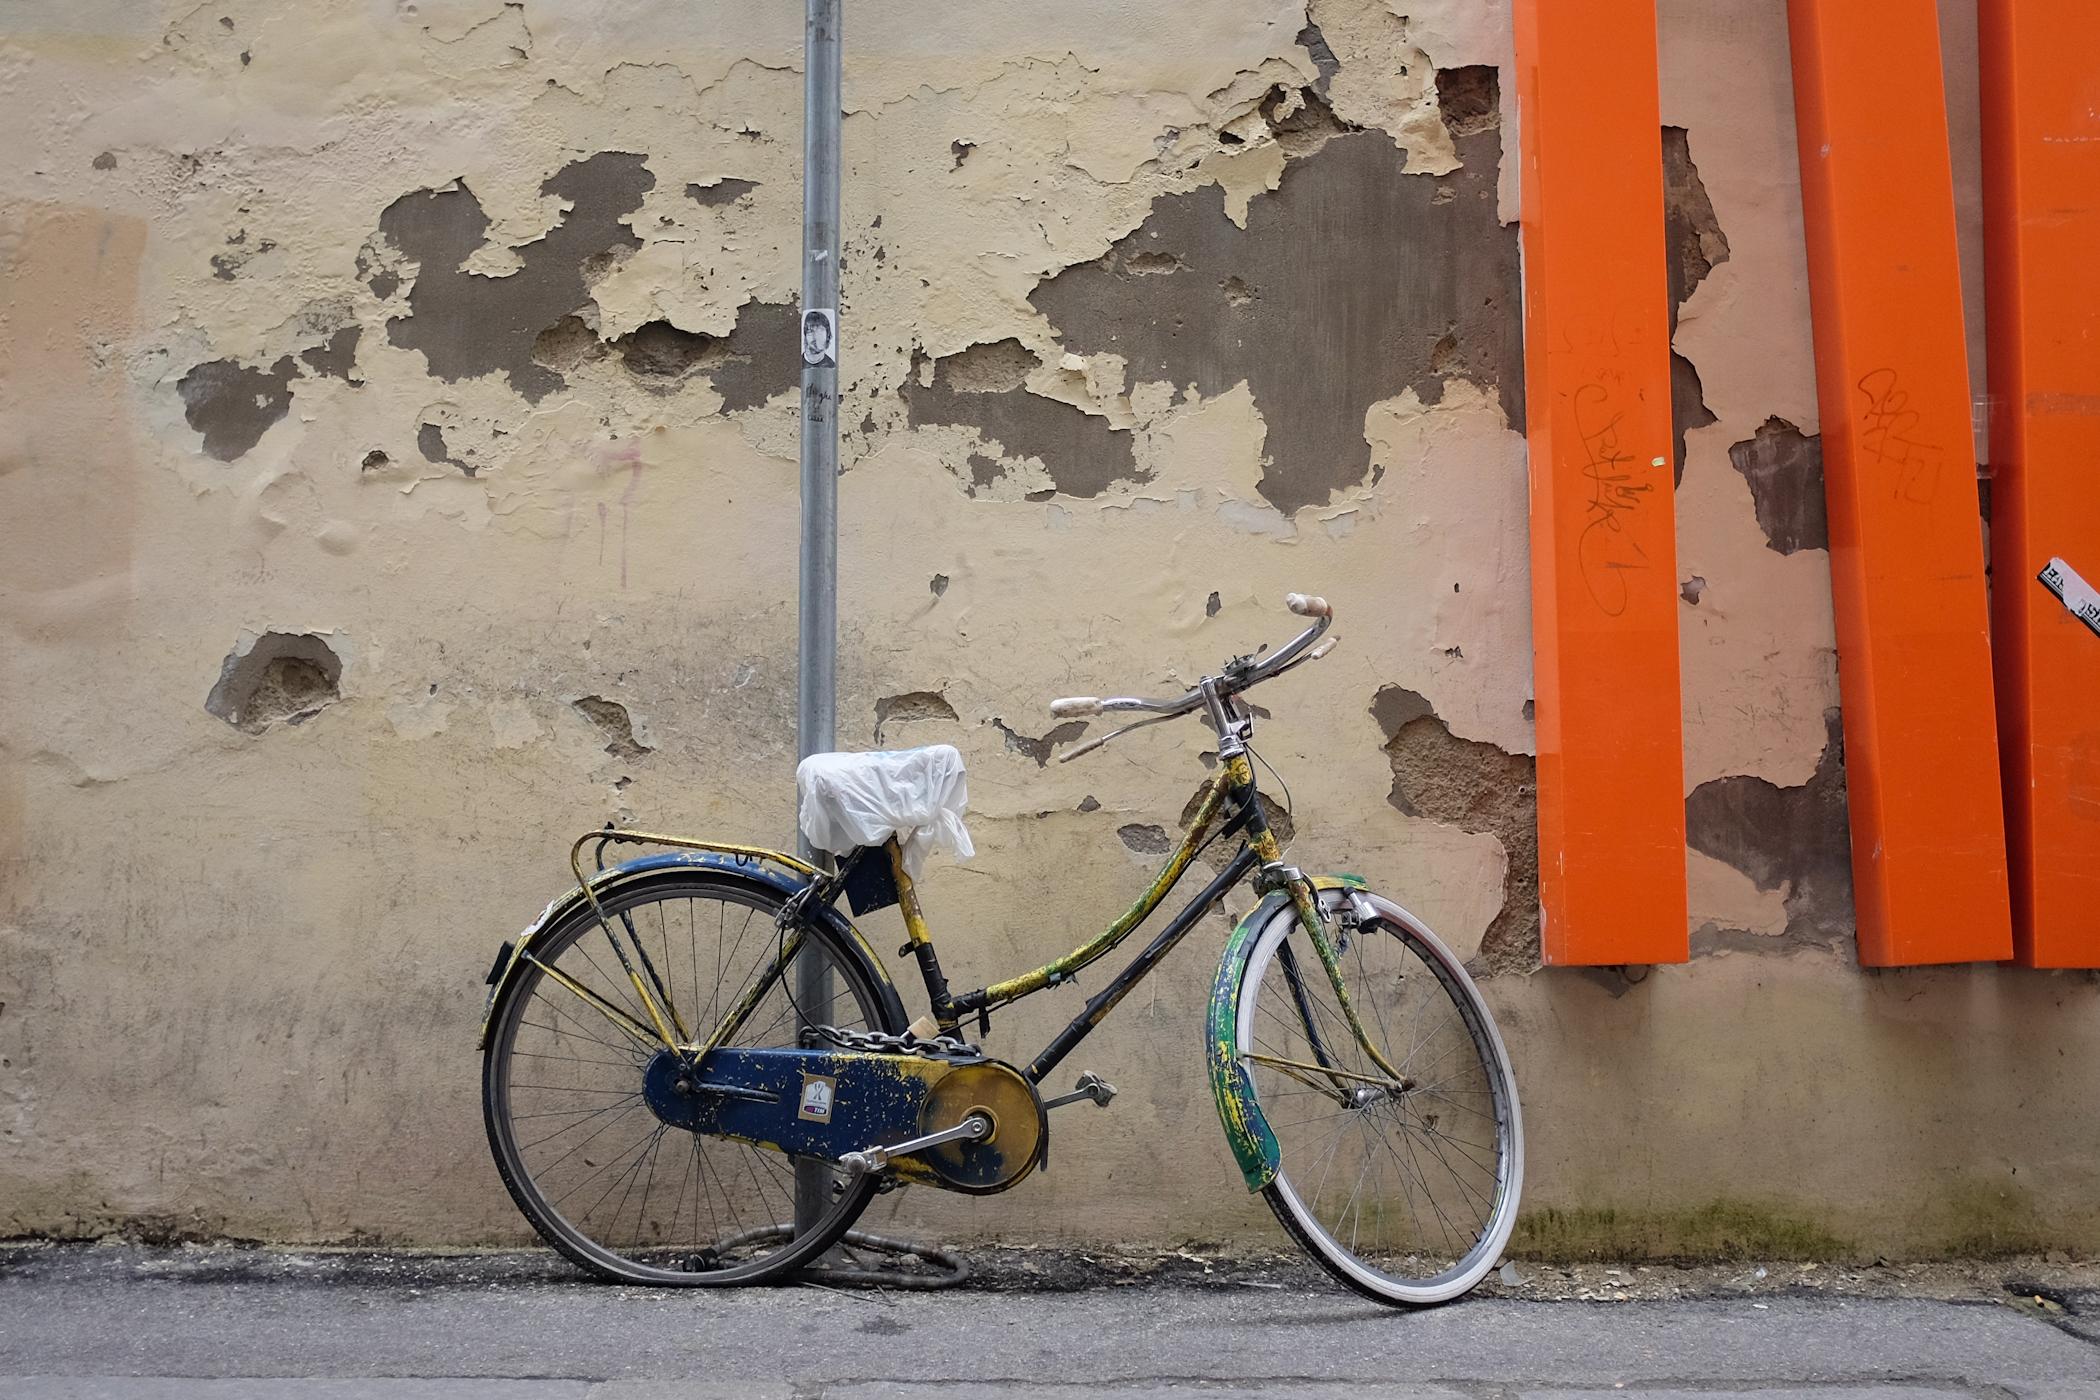 palermo bicicletti di firenze jan15-39.jpg